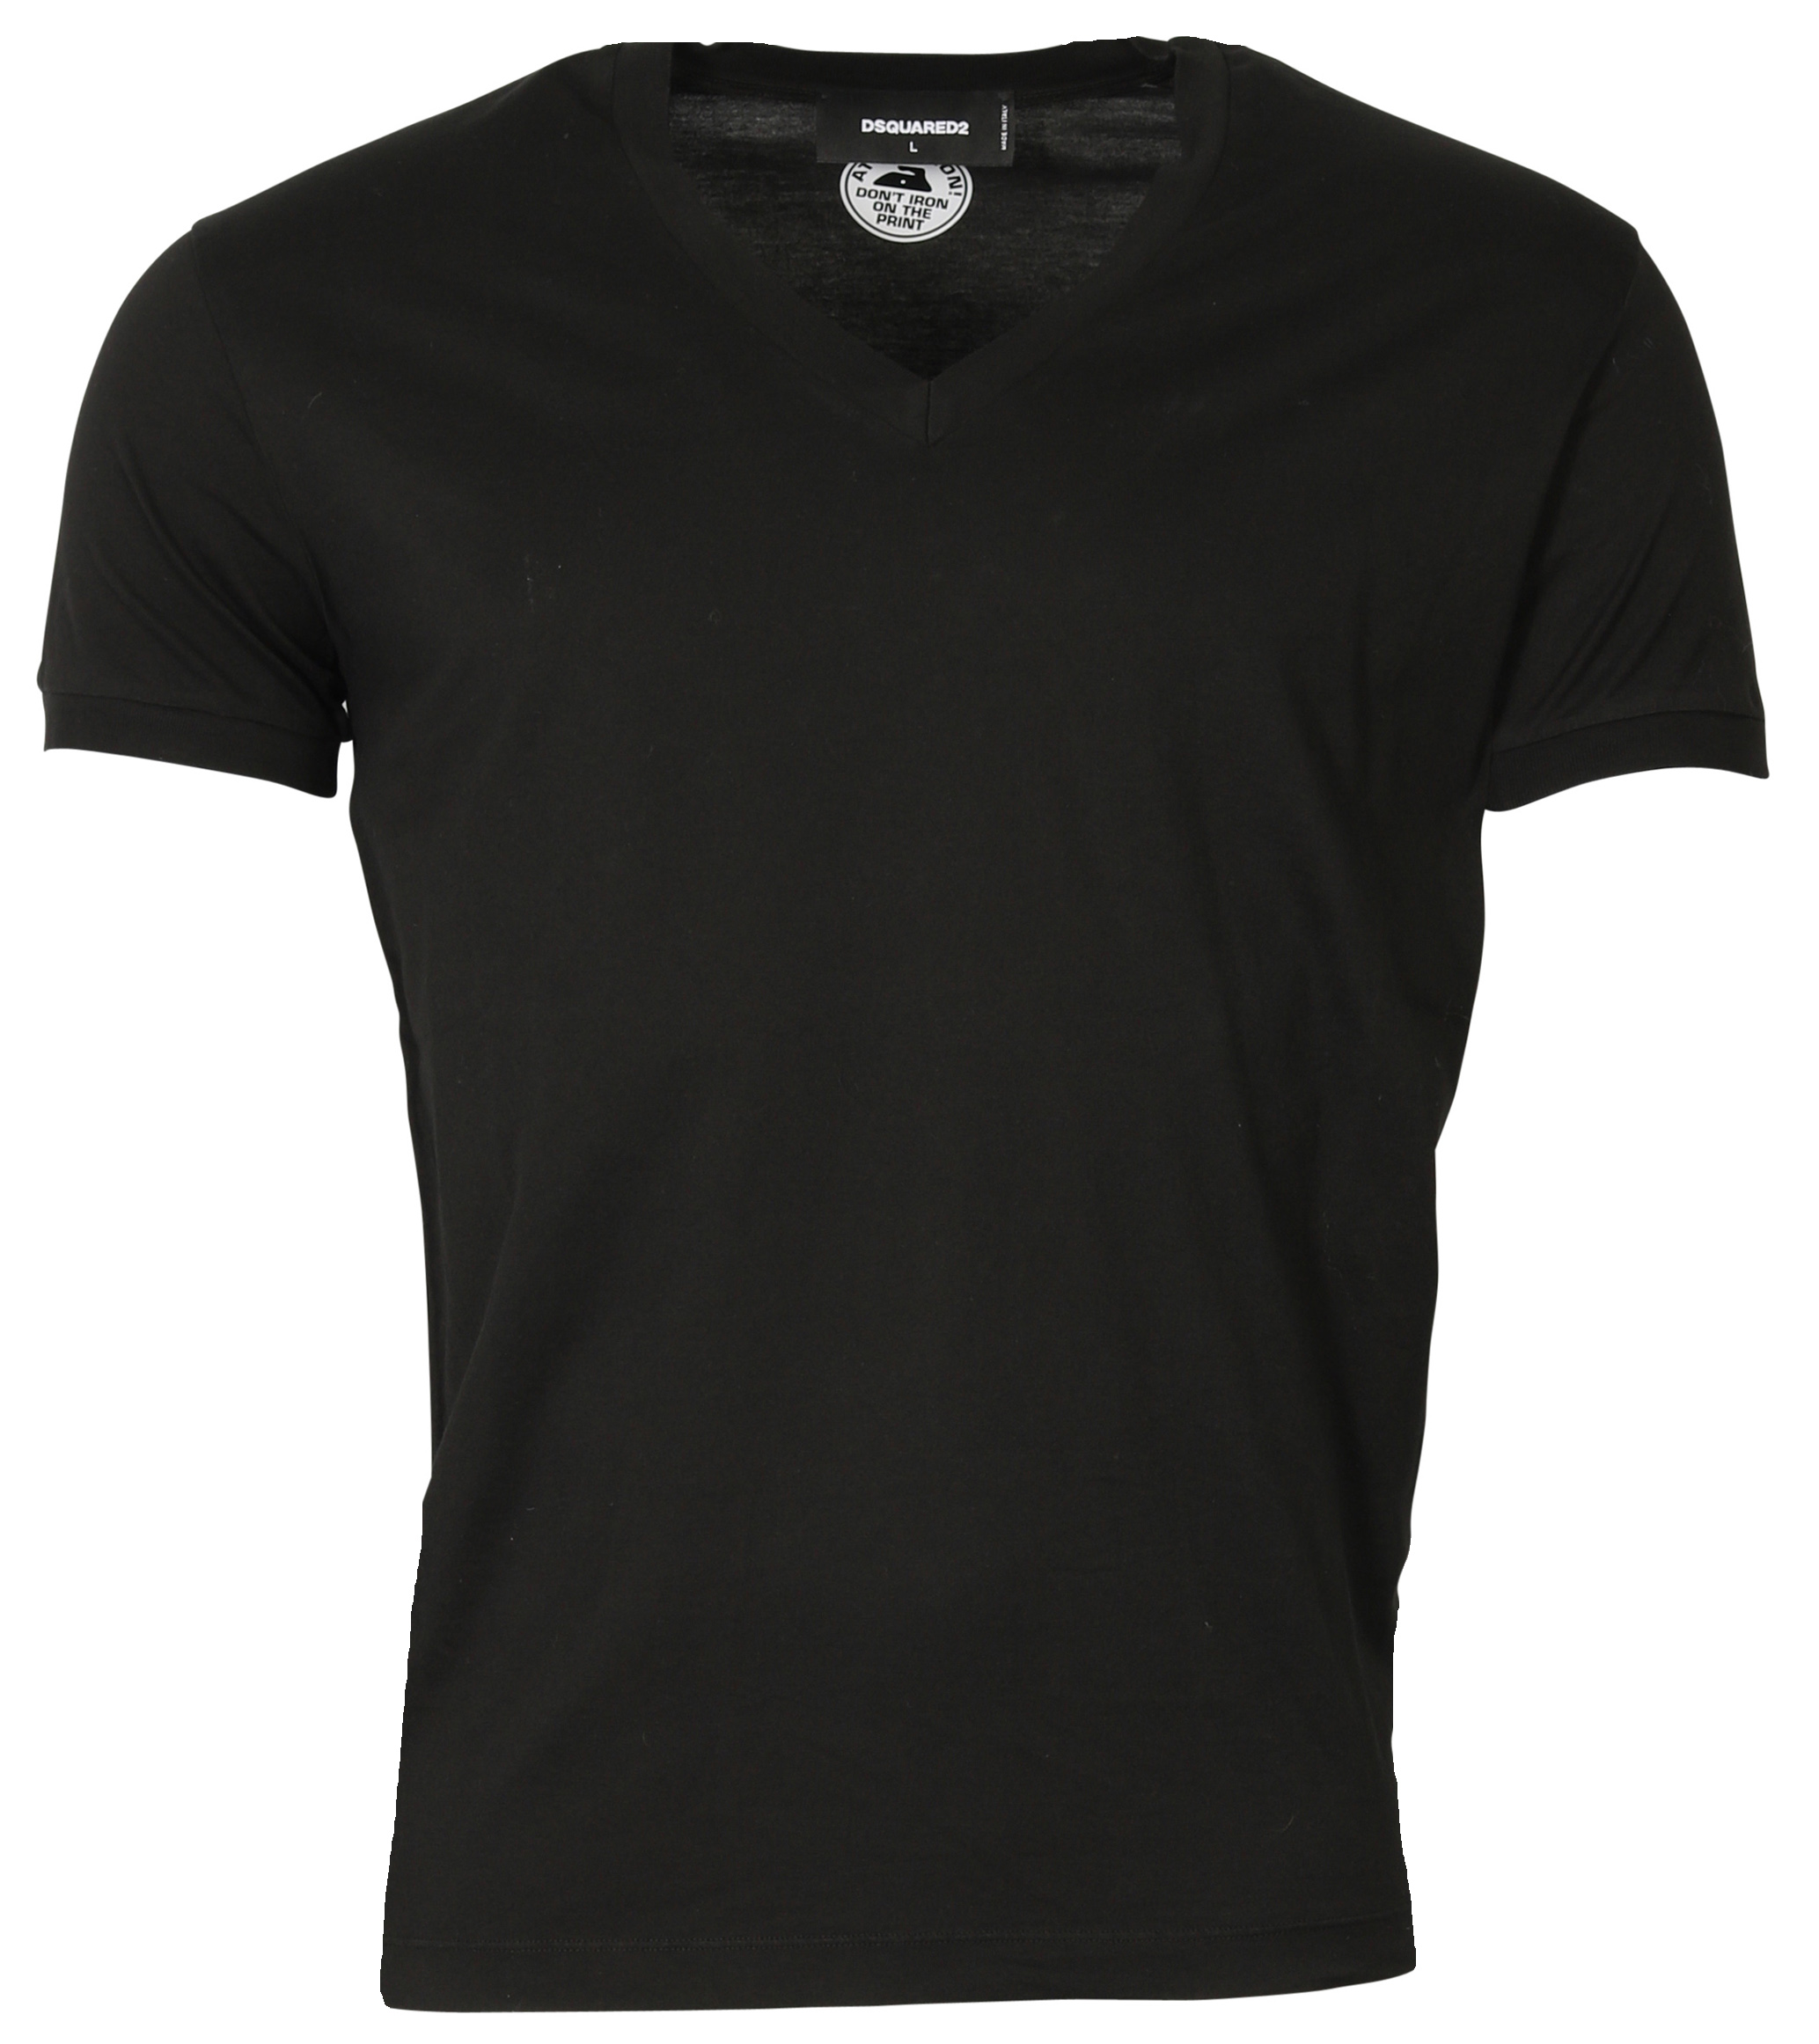 New Dsquared Men T-shirt Black V-Neck